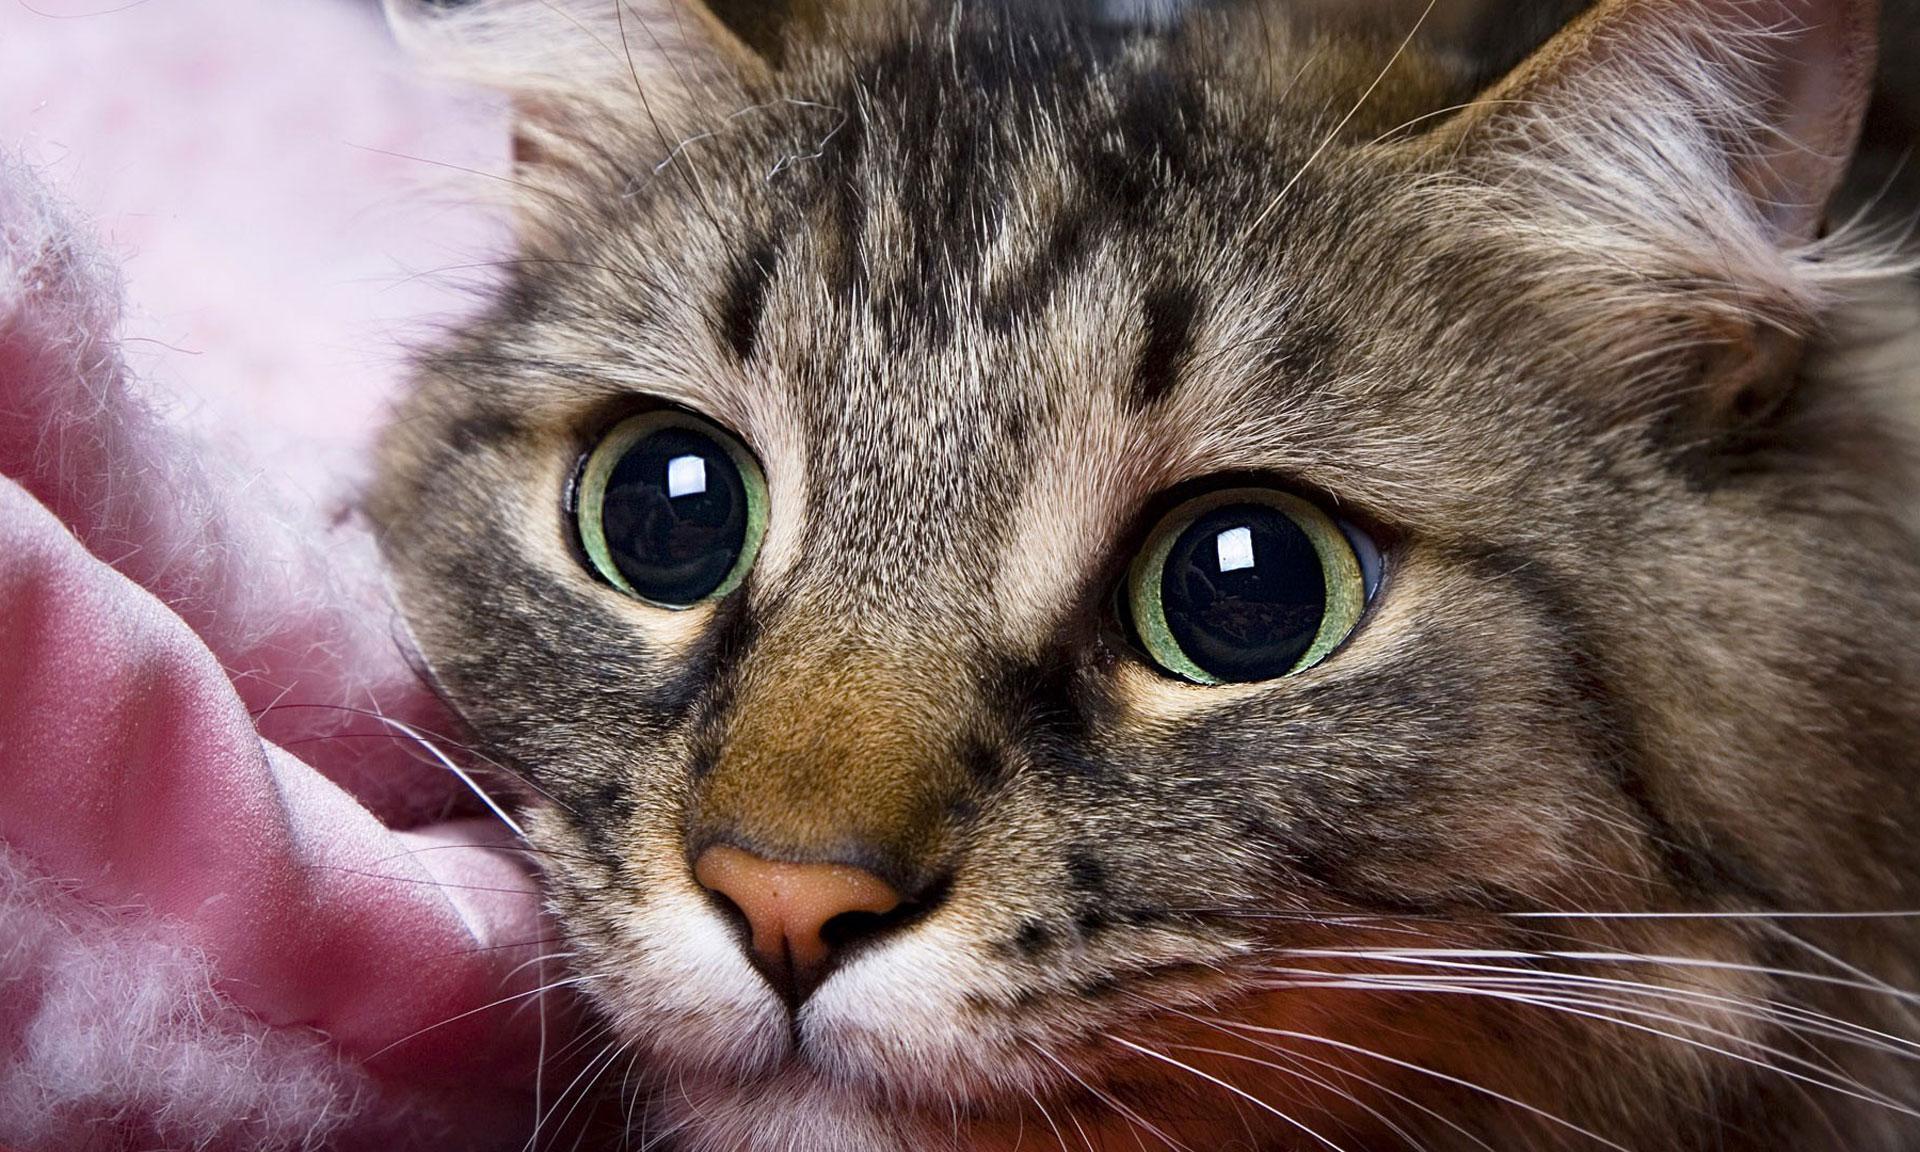 Los gatos se expresan de distintas formas